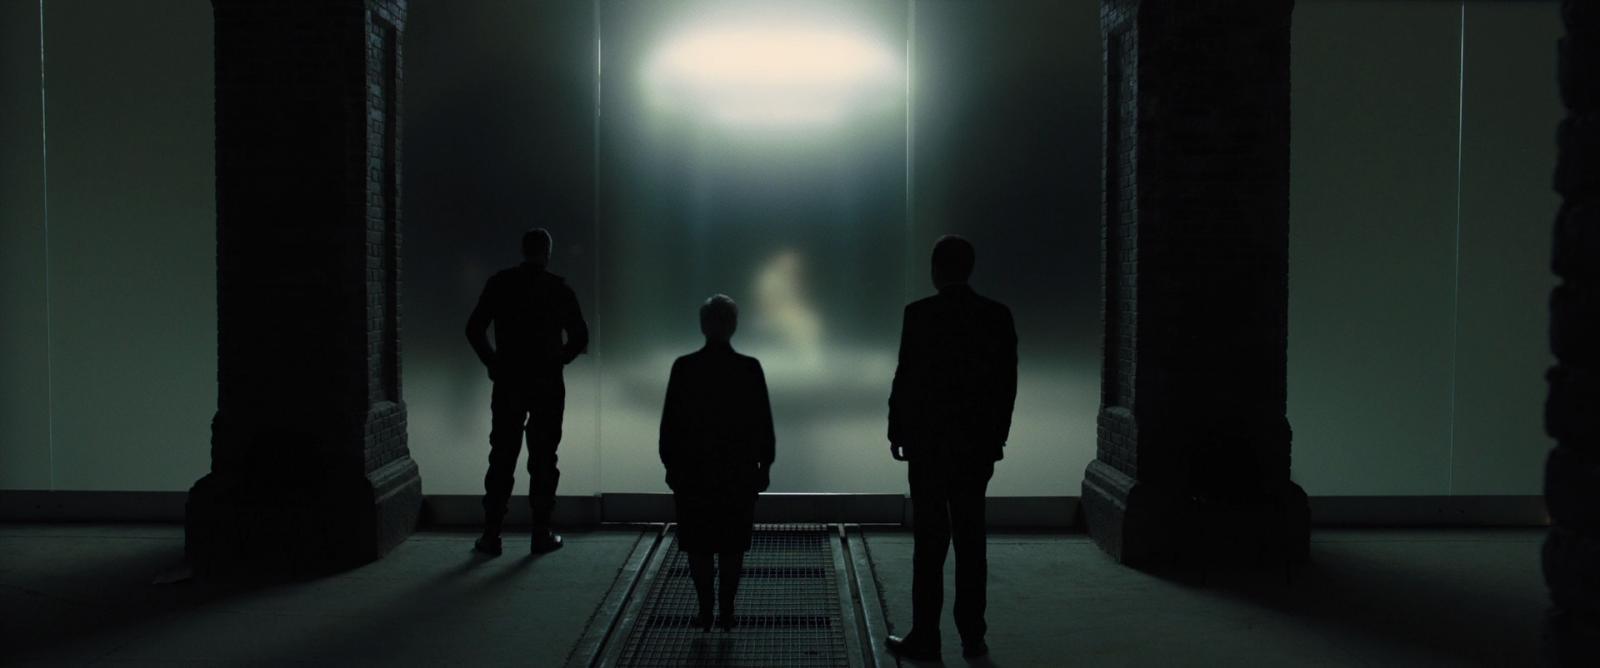 skyfall detention room scene lighting roger a deakins